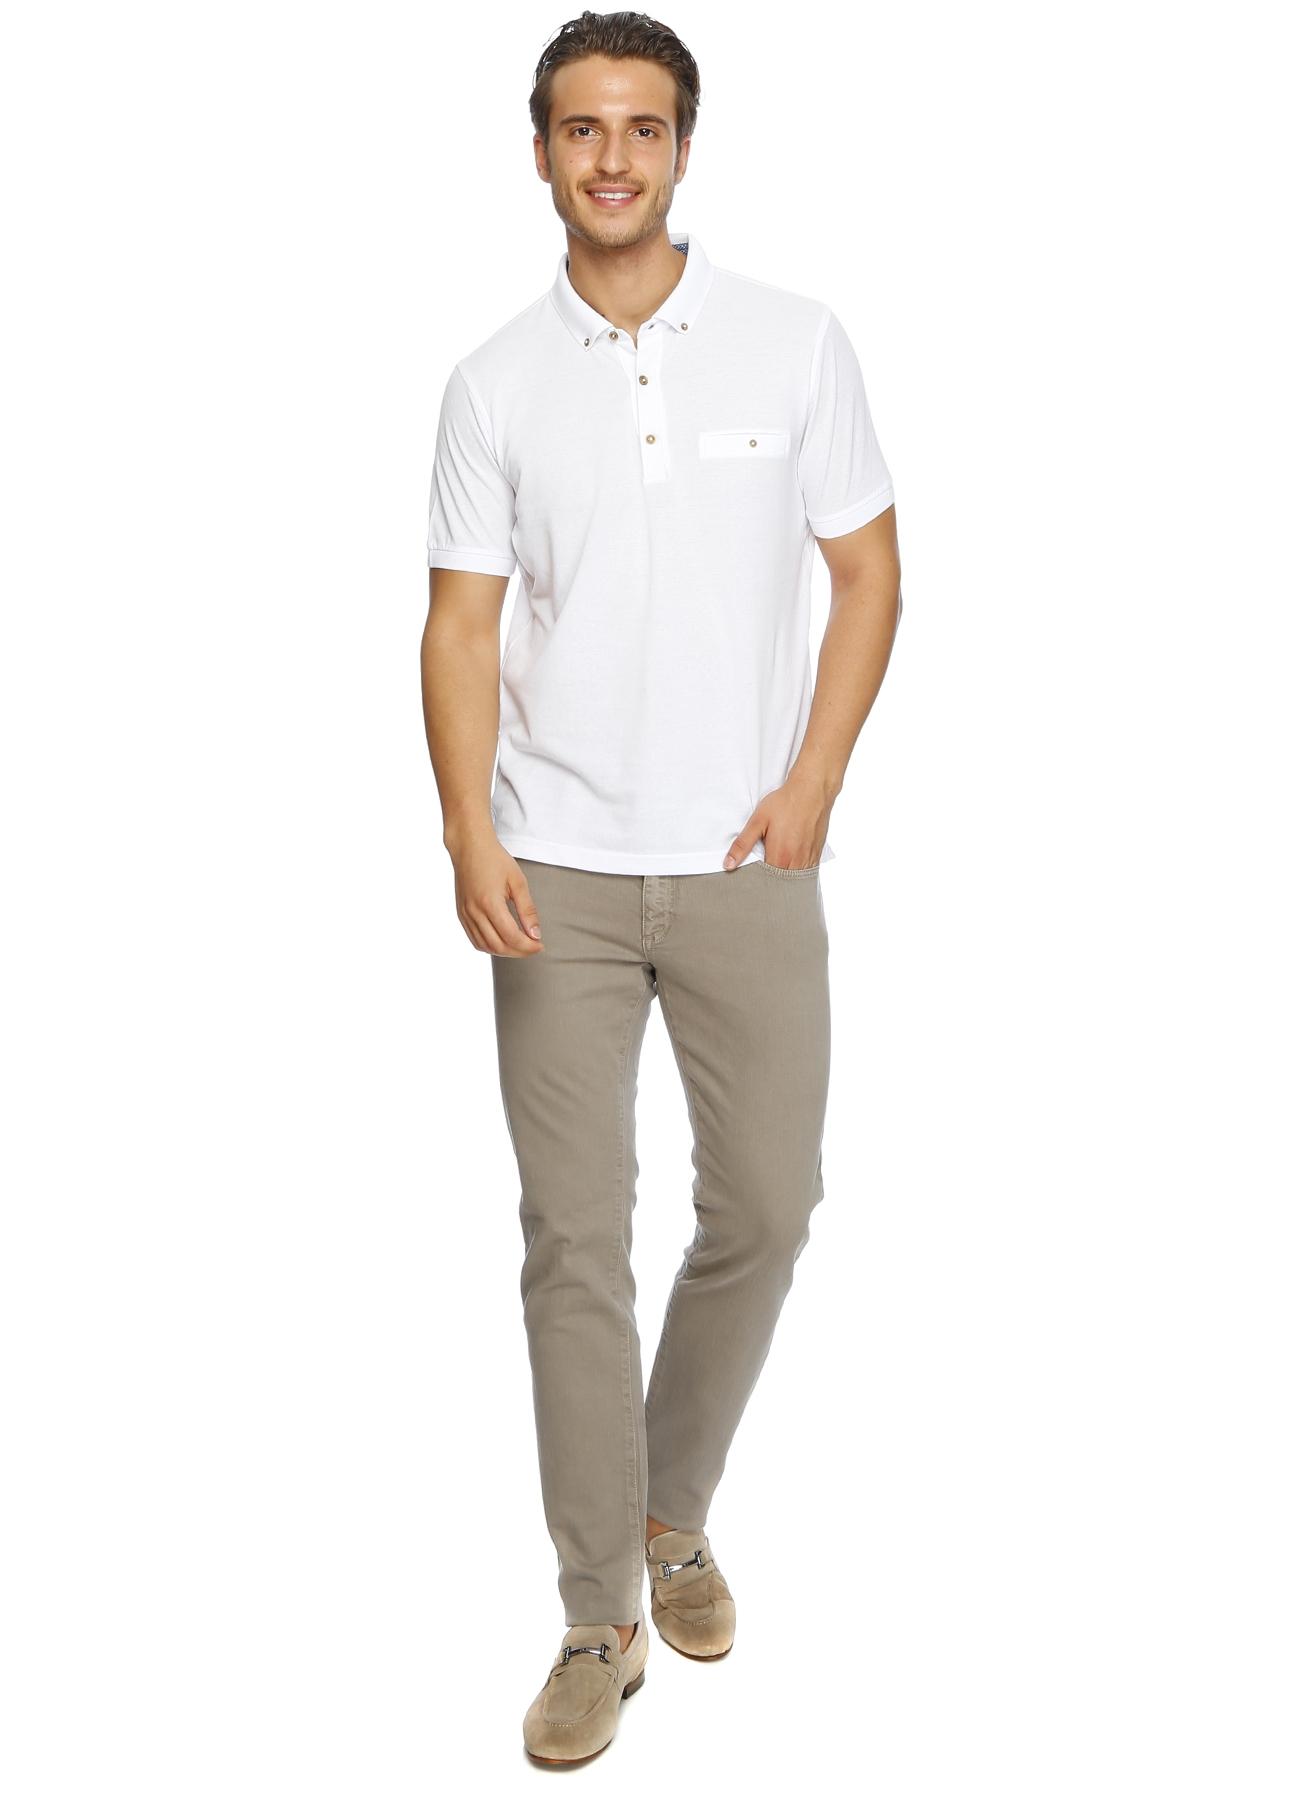 Kip Klasik Pantolon 30 5000166413002 Ürün Resmi